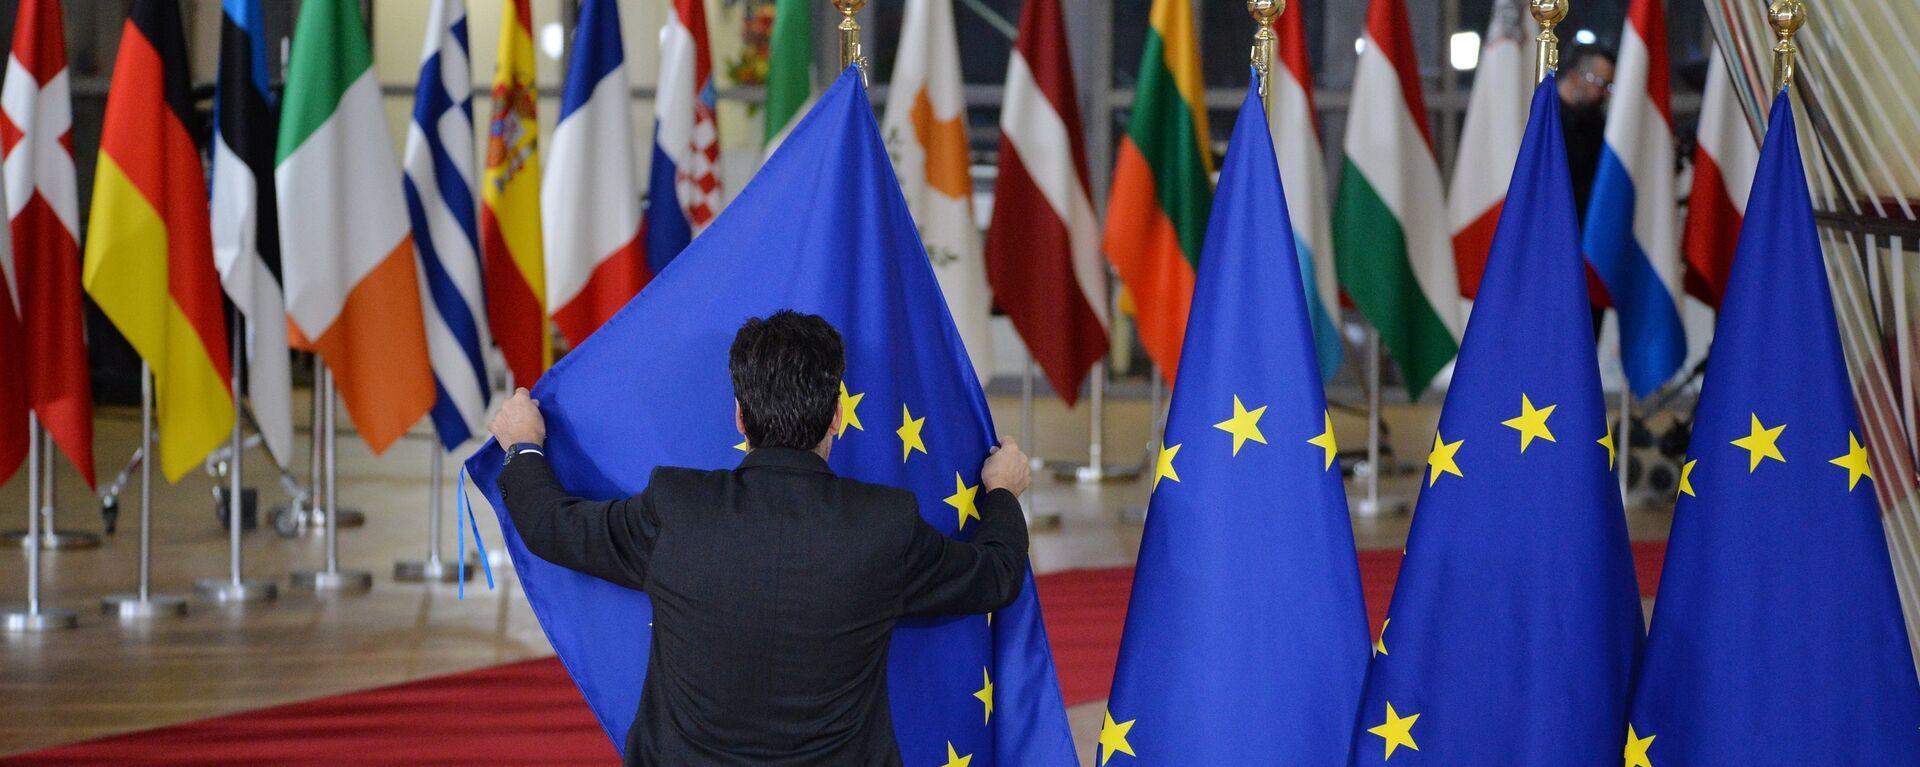 Las banderas de los países de la UE y bandera de la UE en Bruselas - Sputnik Mundo, 1920, 12.08.2021